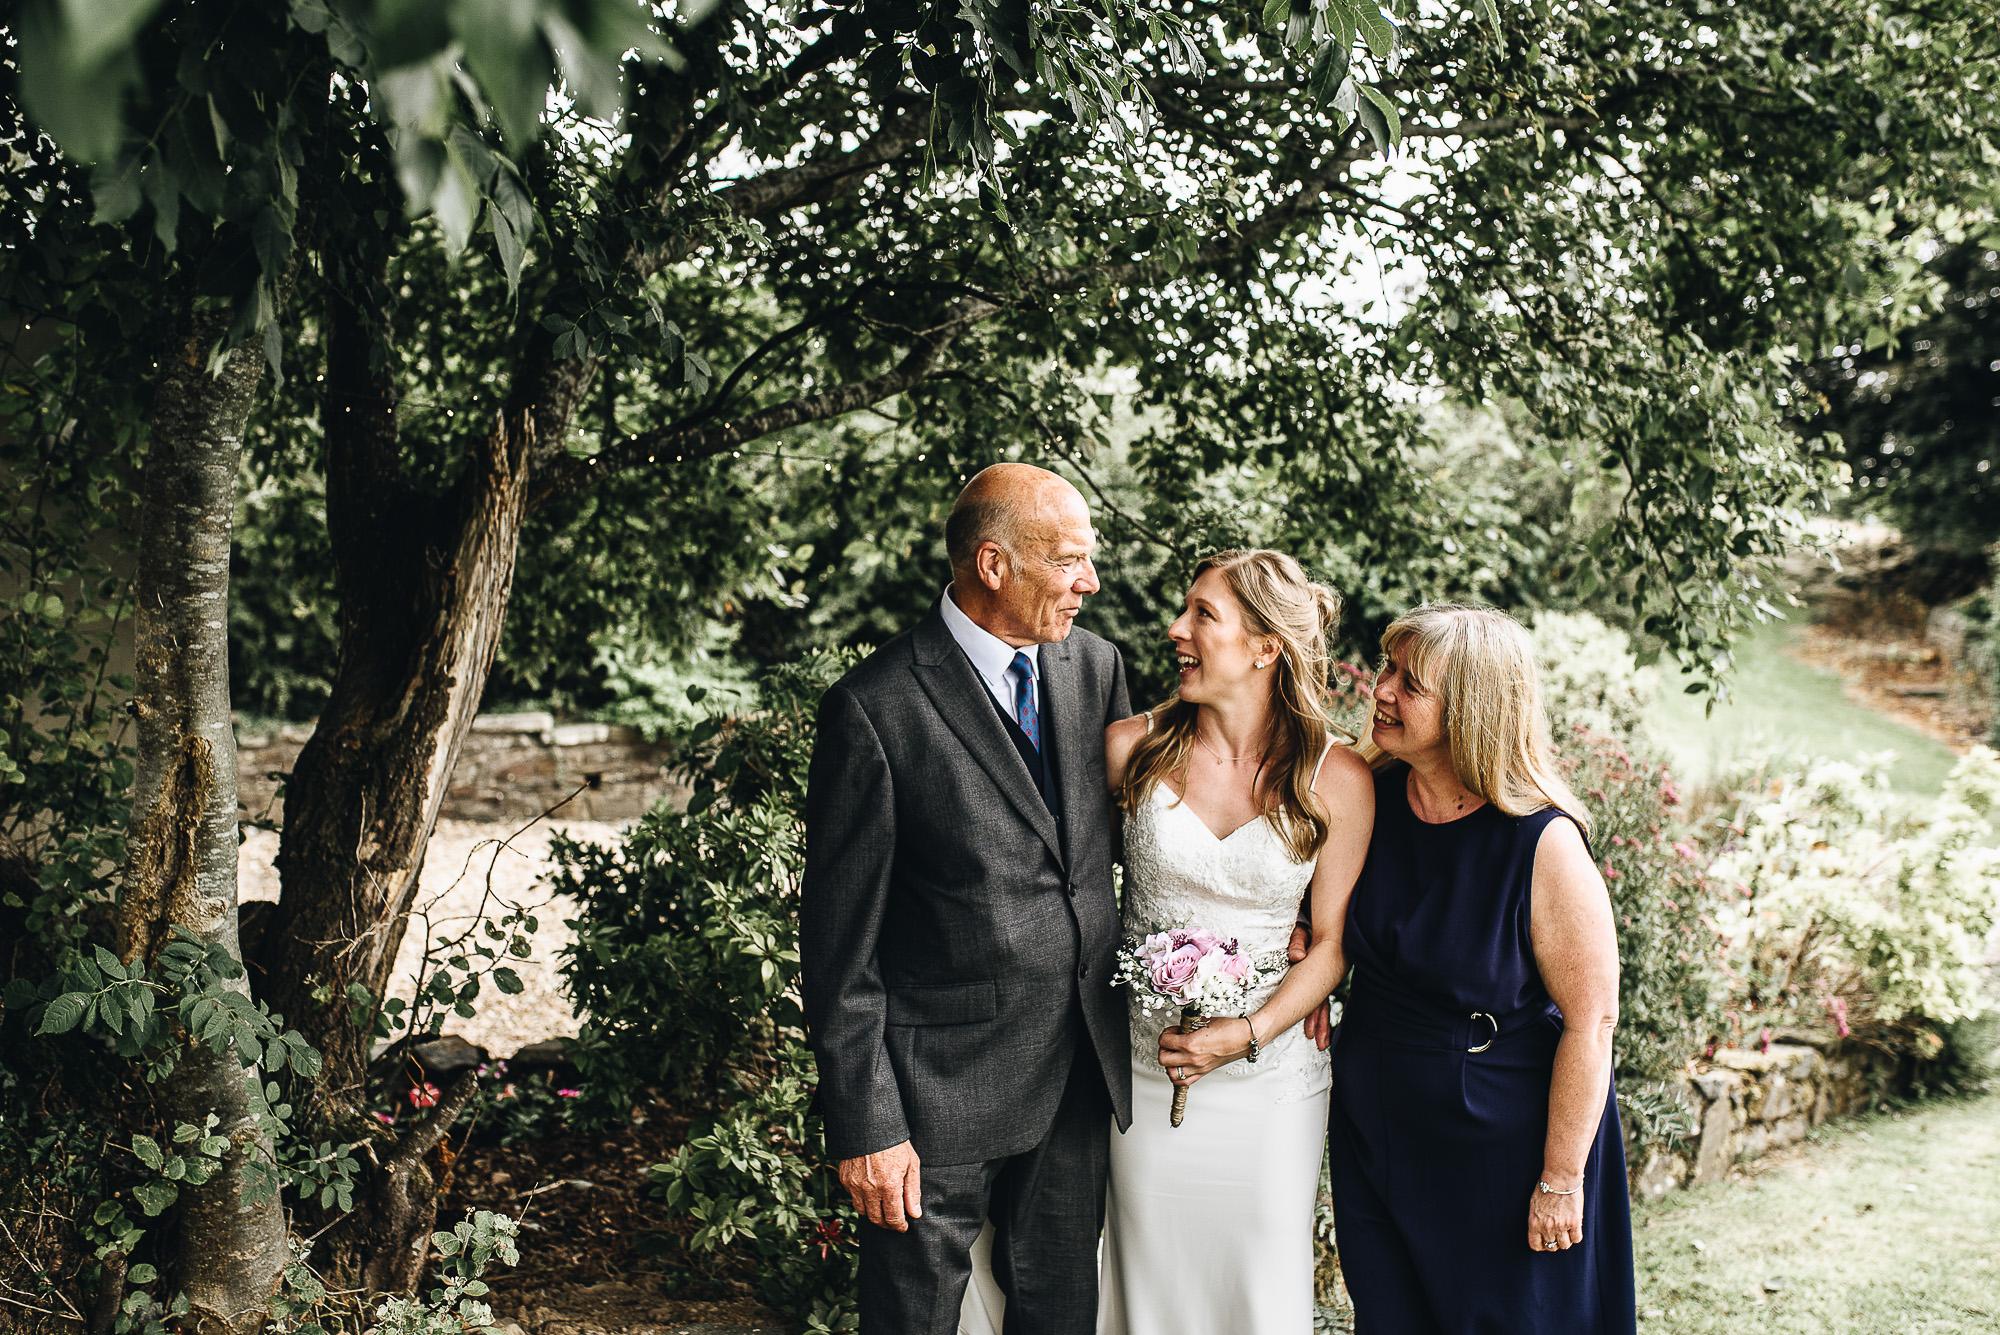 OurBeautifulAdventure-CardiffCastleWedding-Maddie&Joe-WeddingBlog-2399.jpg